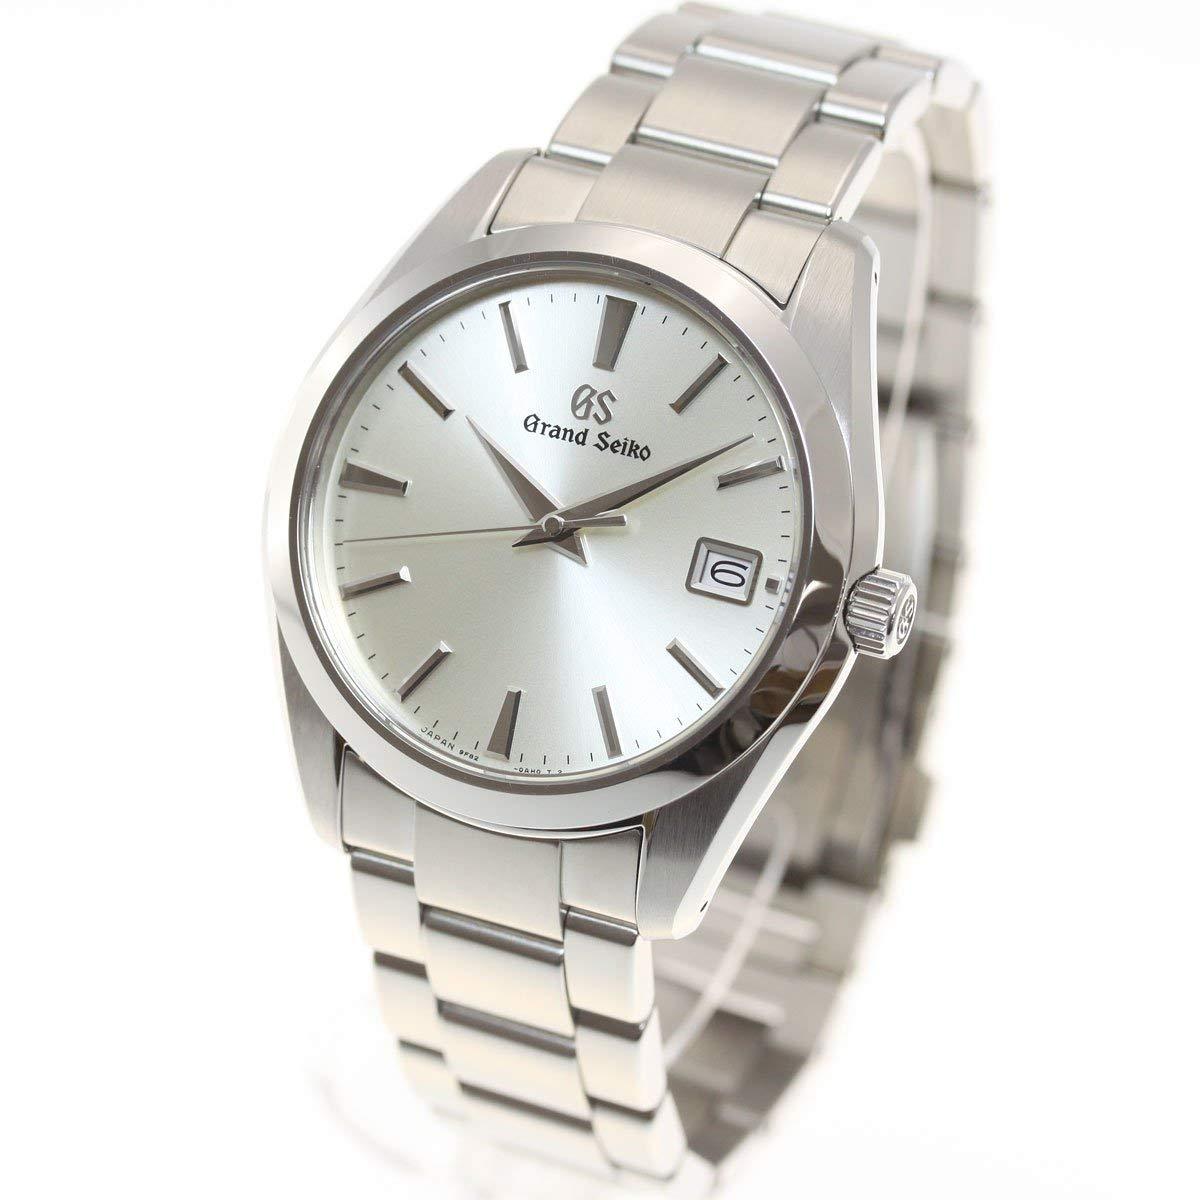 7138a0d464f4 時計好きが選ぶセイコー製品おすすめランキングTOP15!世界に誇れる逸品 ...